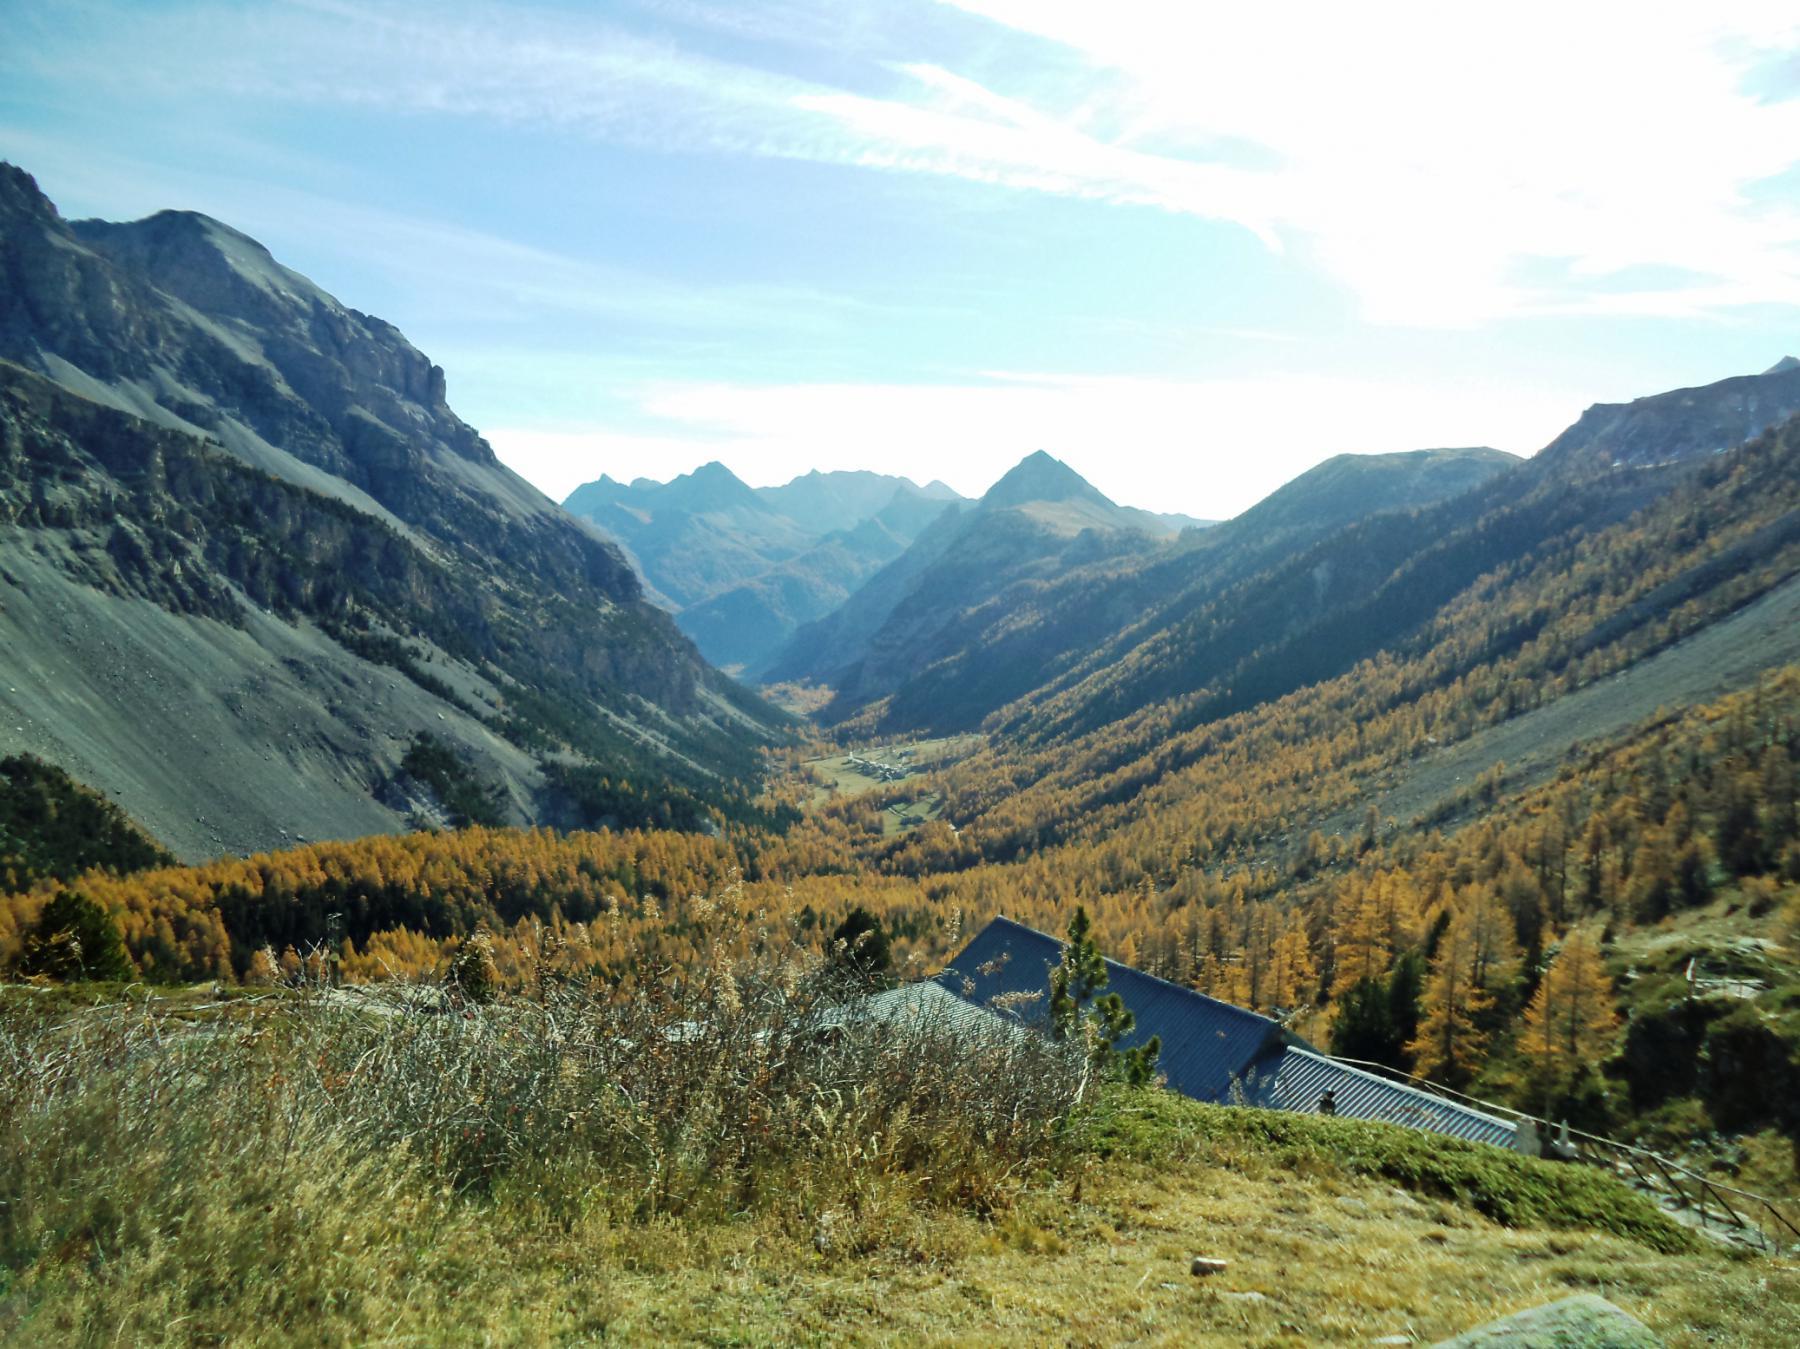 valle stretta dalla maison des chamois